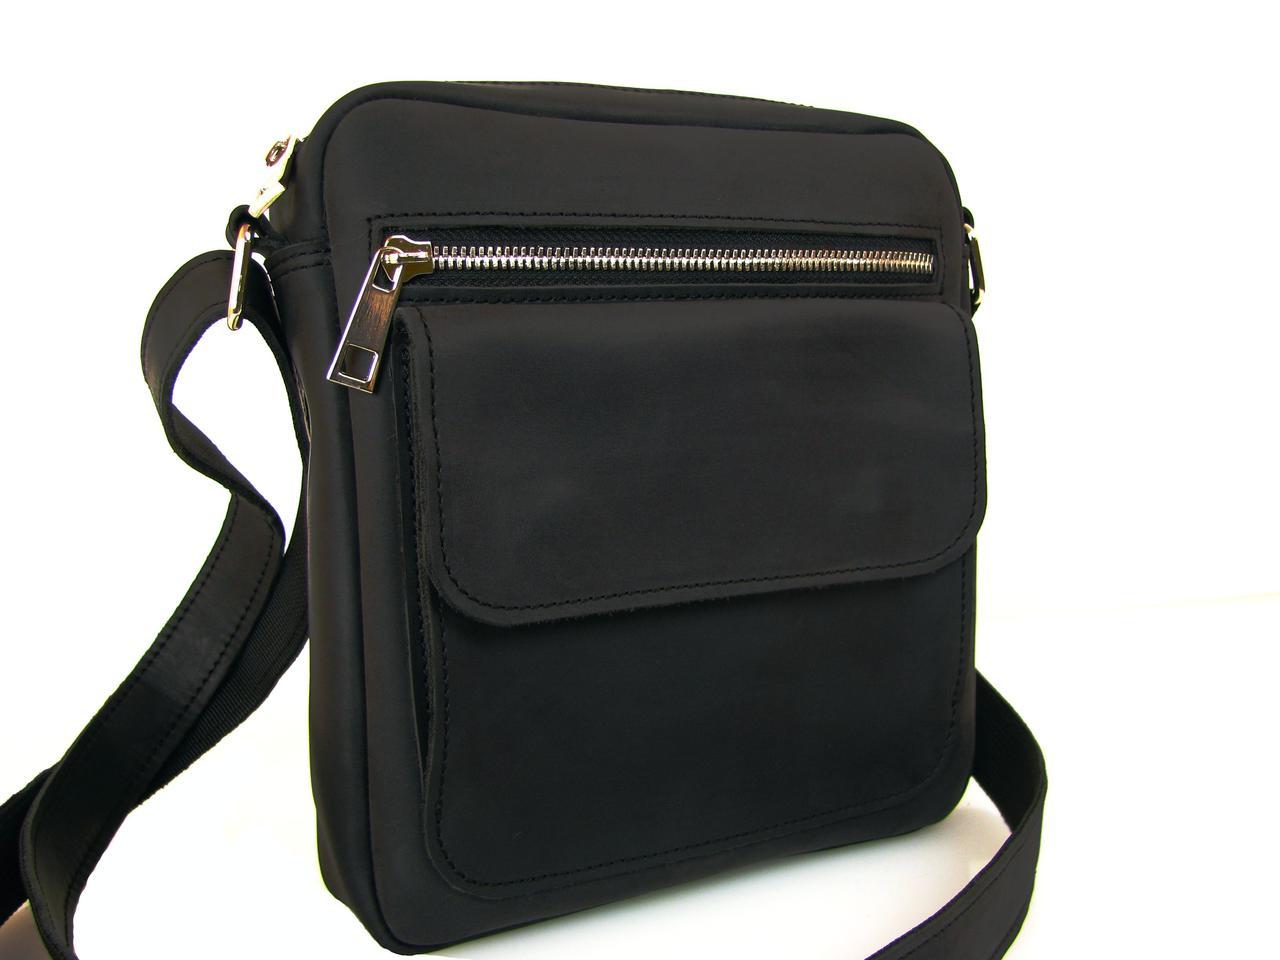 a494335a2bca Кожаная мужская повседневная сумка черного цвета - gs-bags в Чернигове